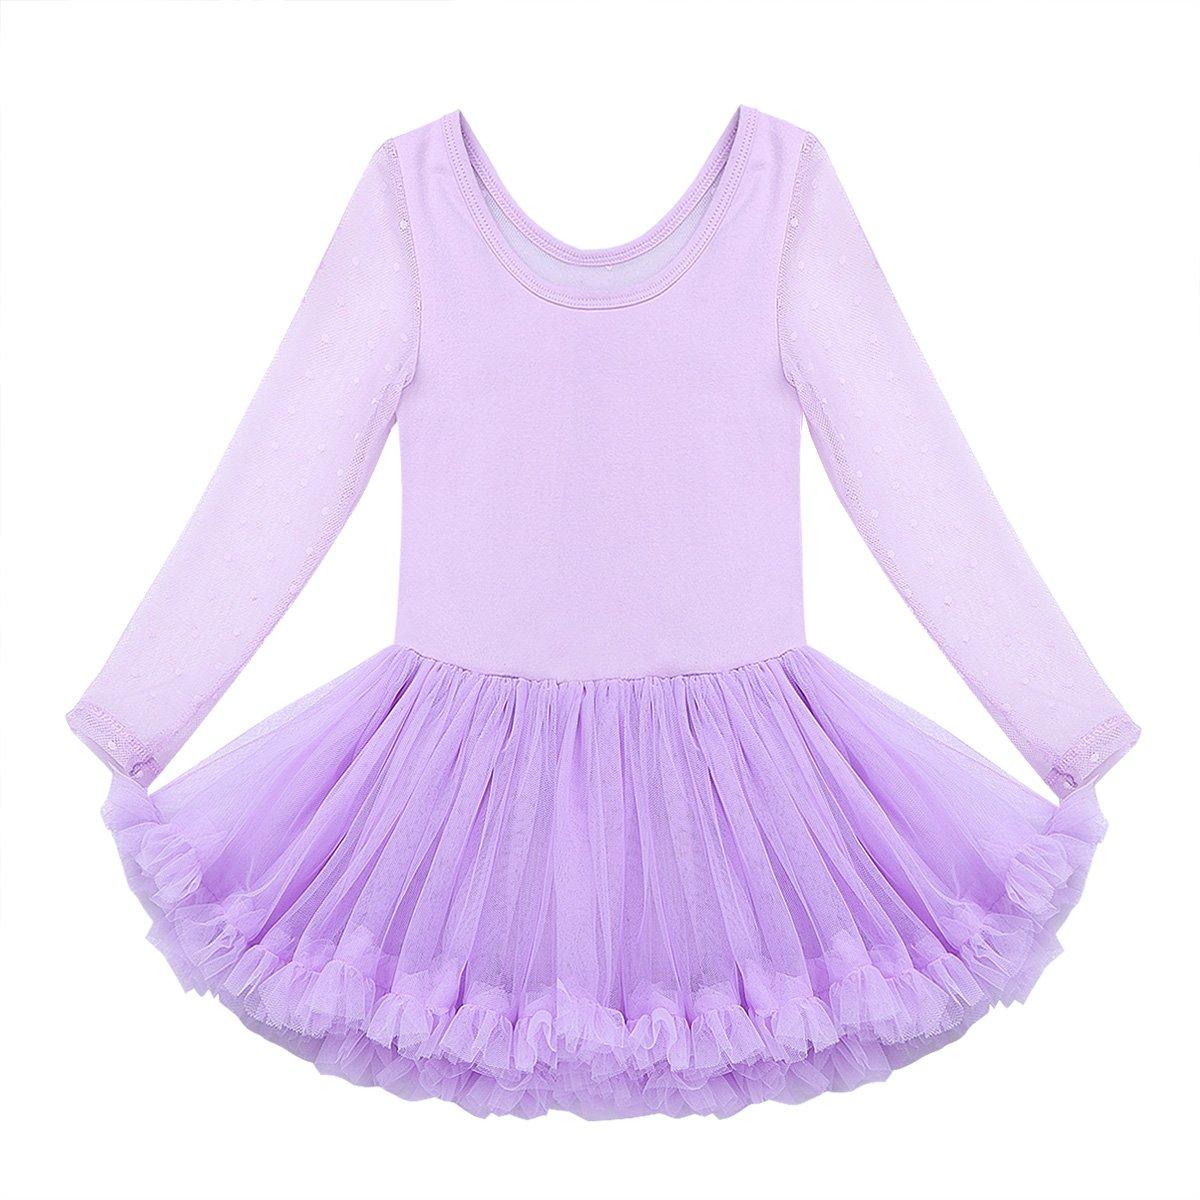 YiZYiF Vestido Ballet Tutú de Algodón Niñas Maillot Danza Clásica Manga Larga de Encaje Vestido Princesa Leotardo Traje Bailarina Actuación 2-9 Años